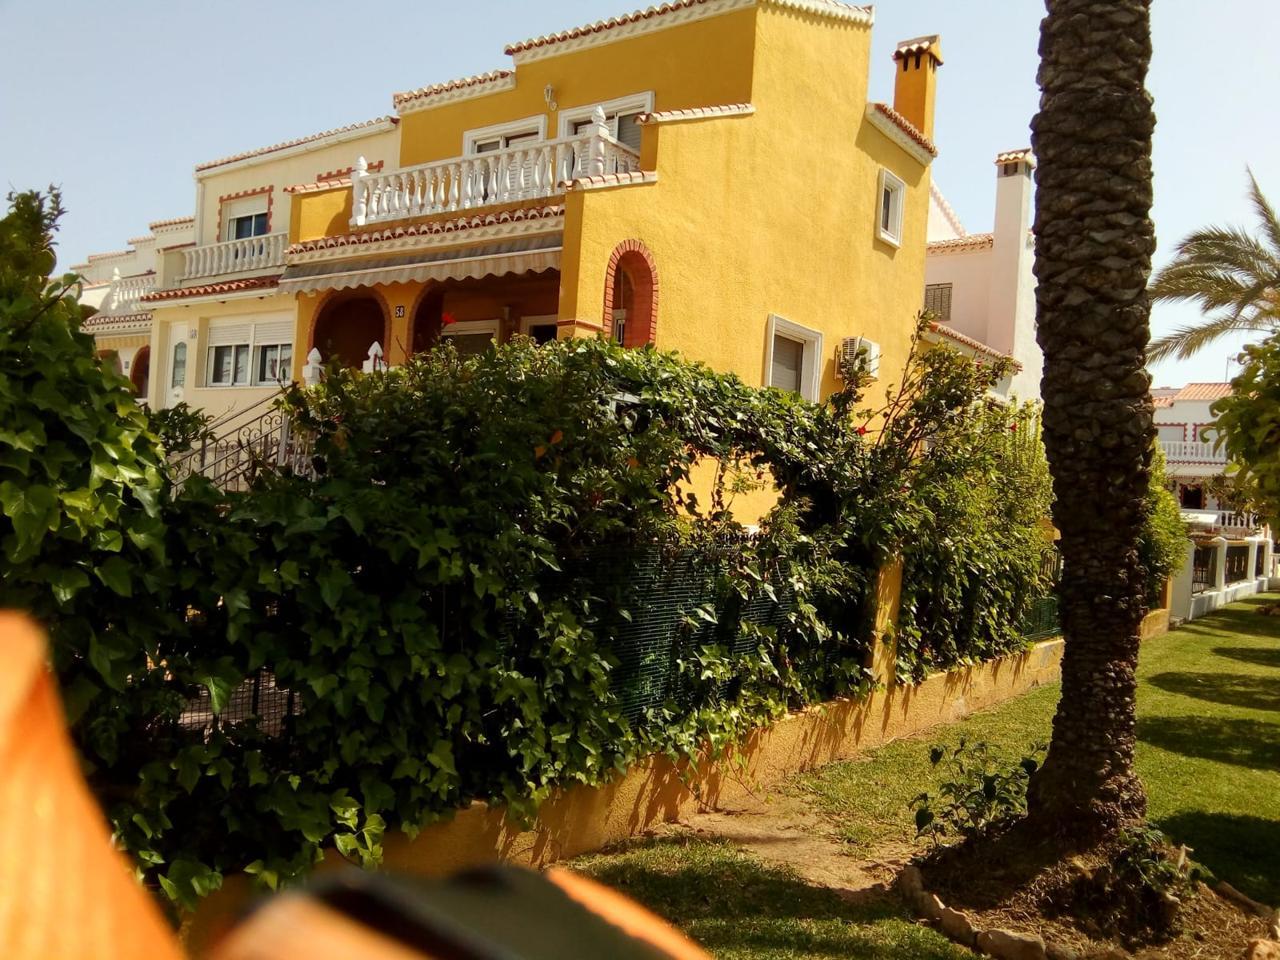 Lloguer Casa en La Siesta-El Salado-Torreta. Chalet en 2 plantas en torrevieja. planta baja: gran jardín con